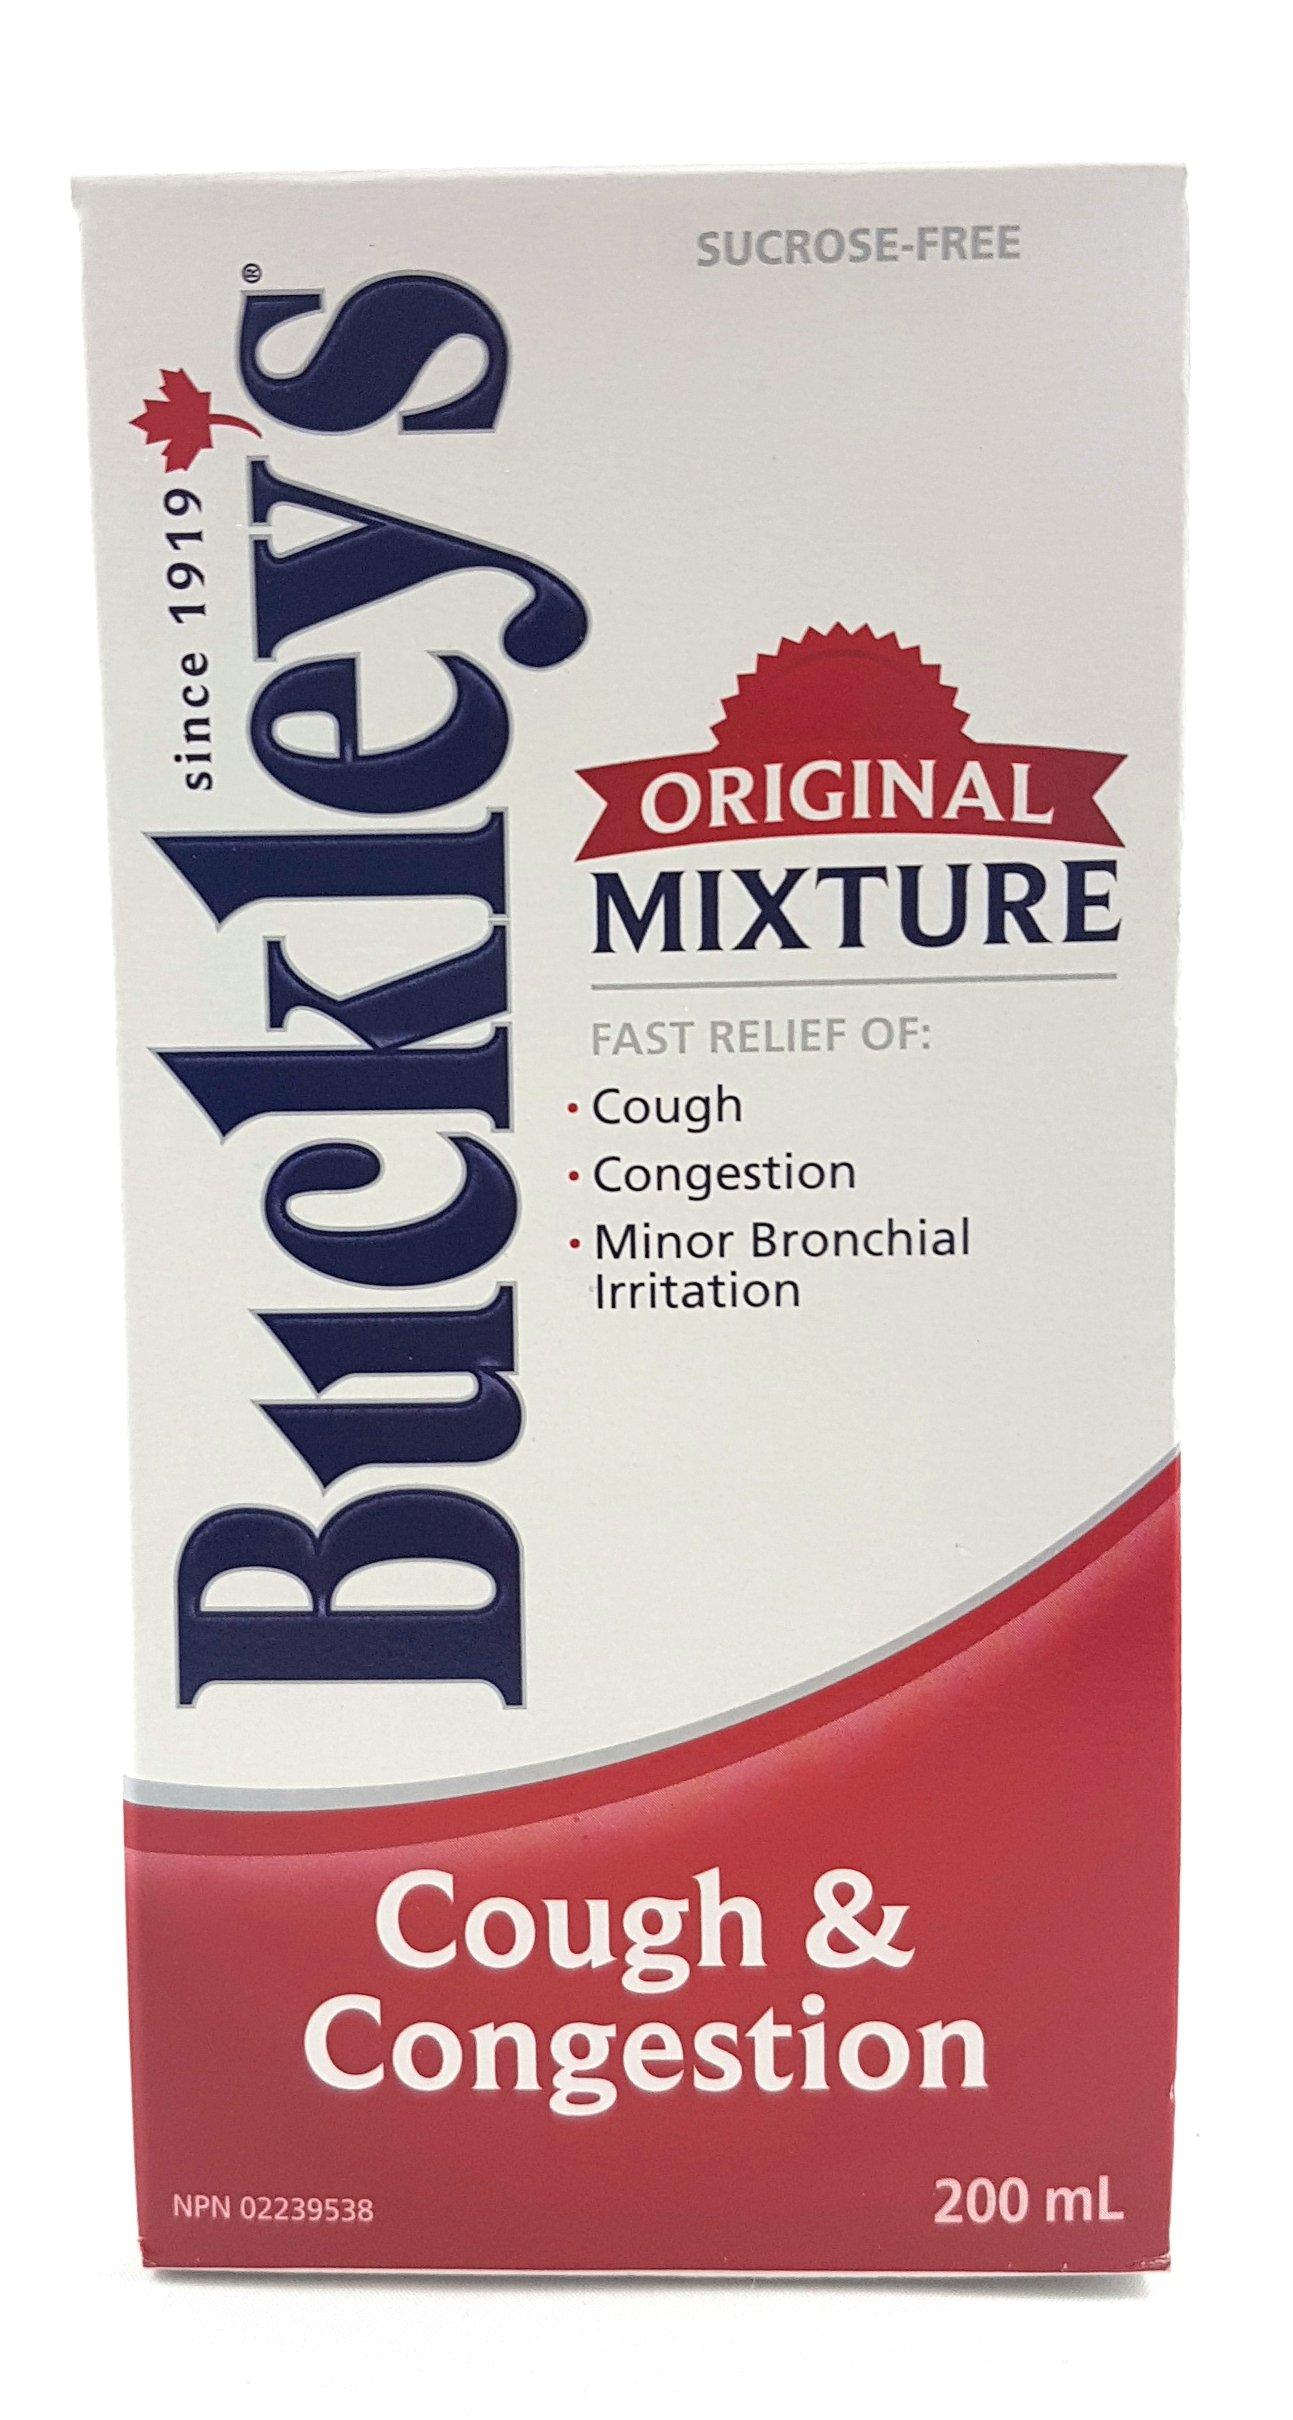 Buckleys Original Cough Congestion Syrup 200 Ml by Buckley